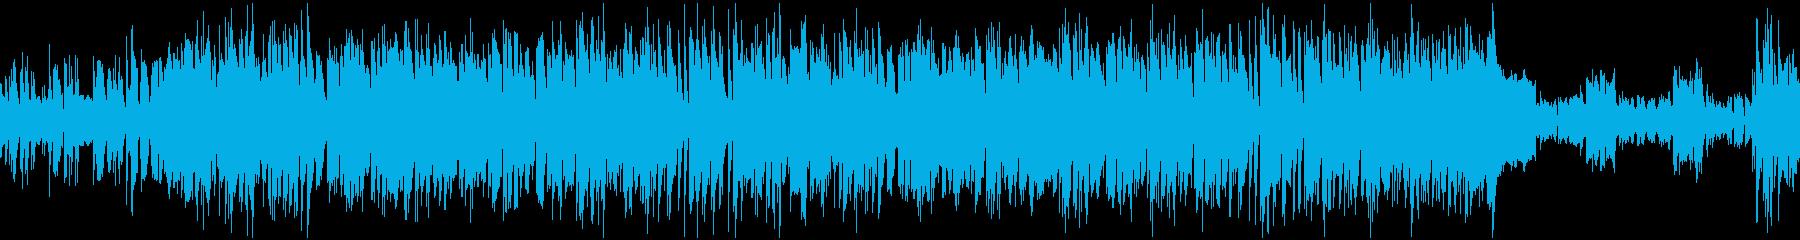 まったり&ちょっと切ないBGMループ仕様の再生済みの波形